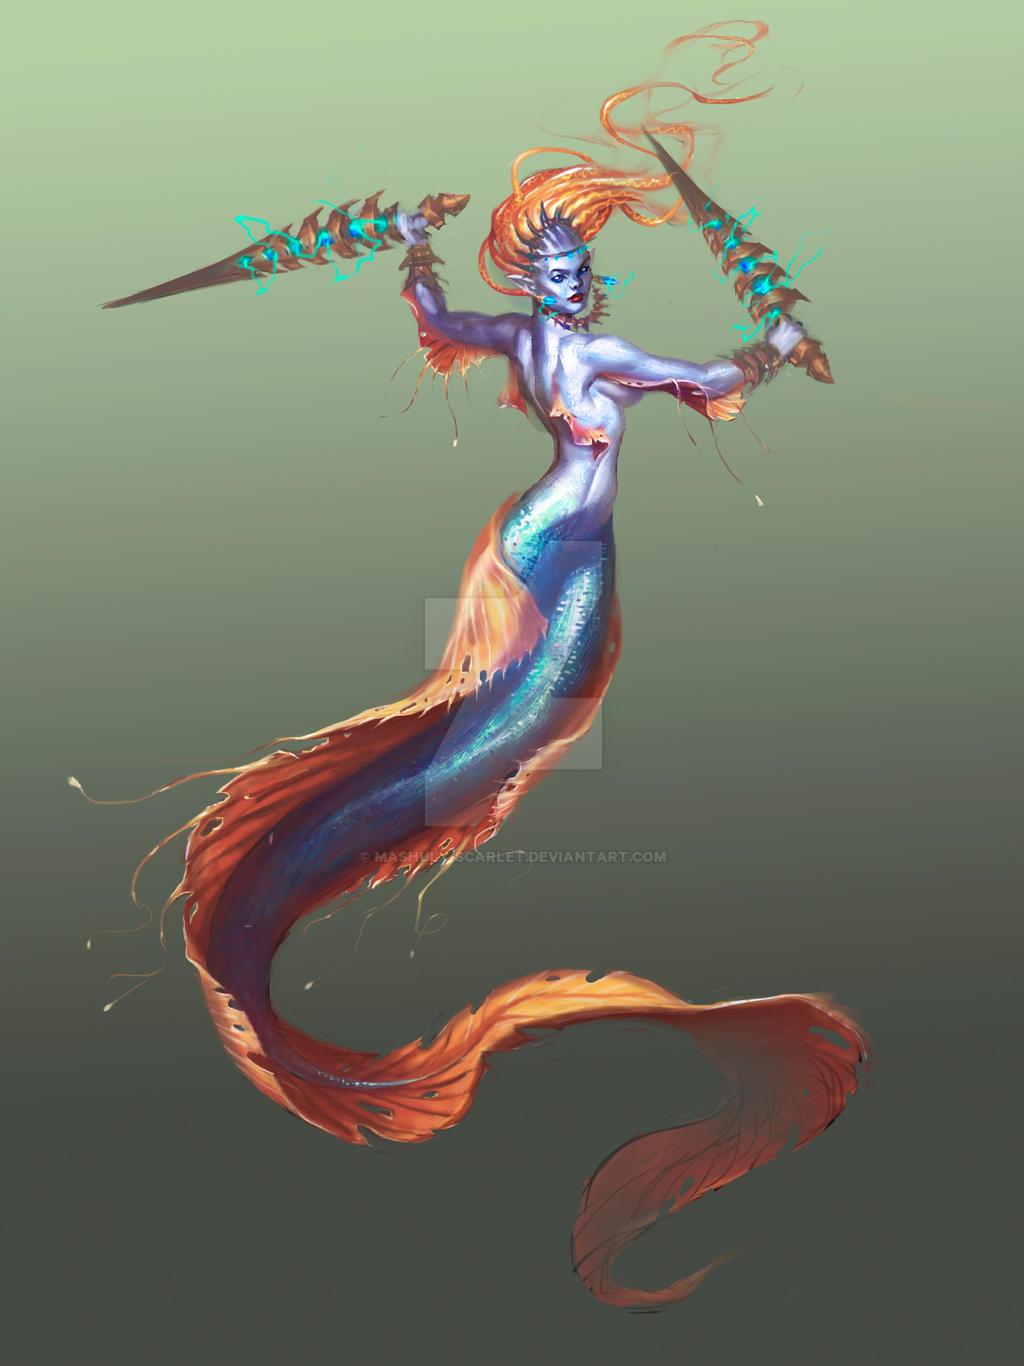 Mermaid warrior by bat11 on DeviantArt